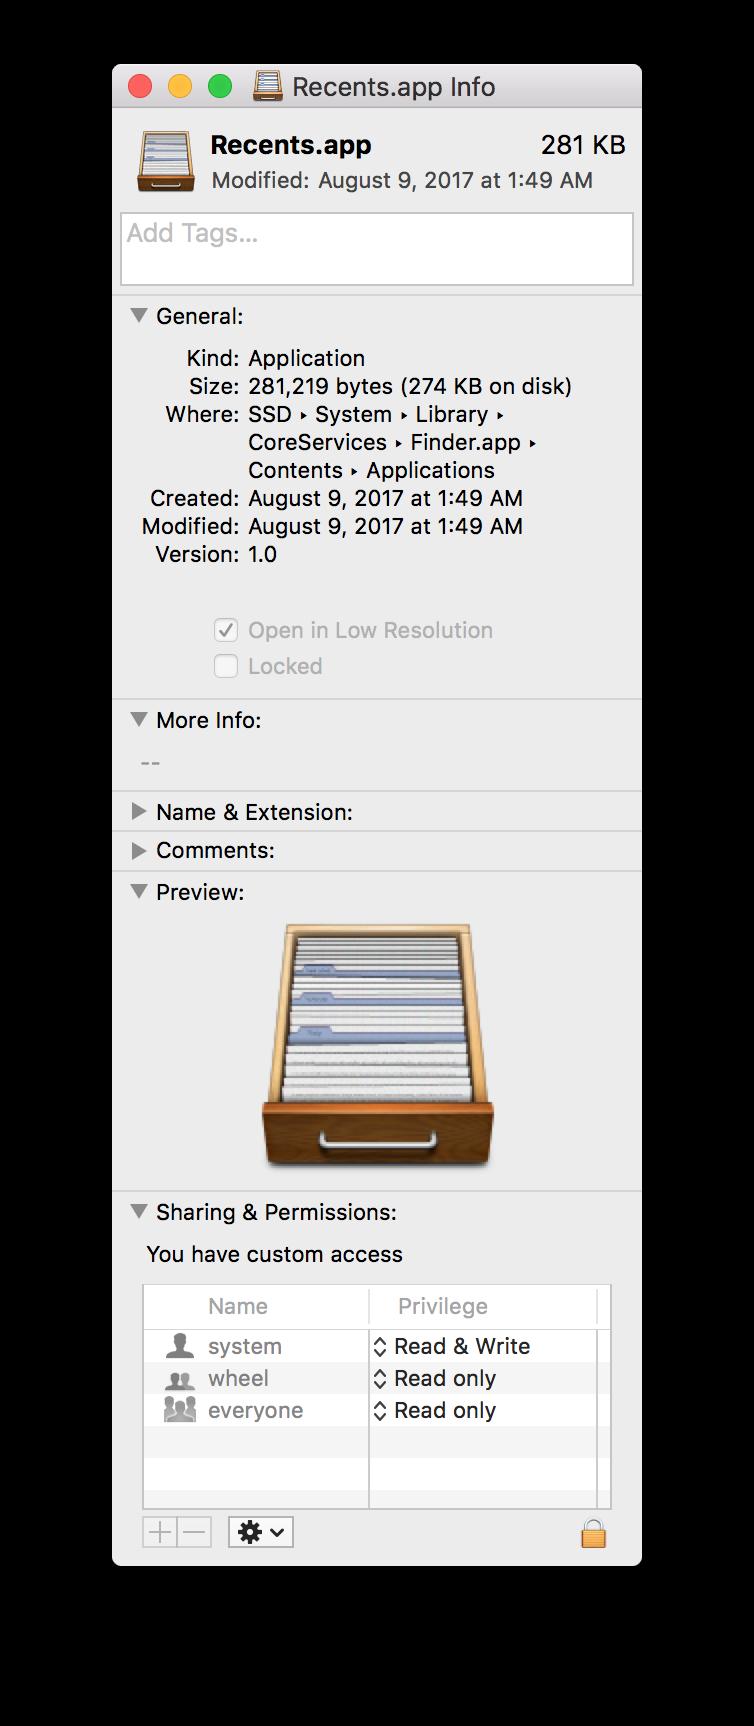 Screen Shot 2017-08-16 at 6.03.18 AM.png